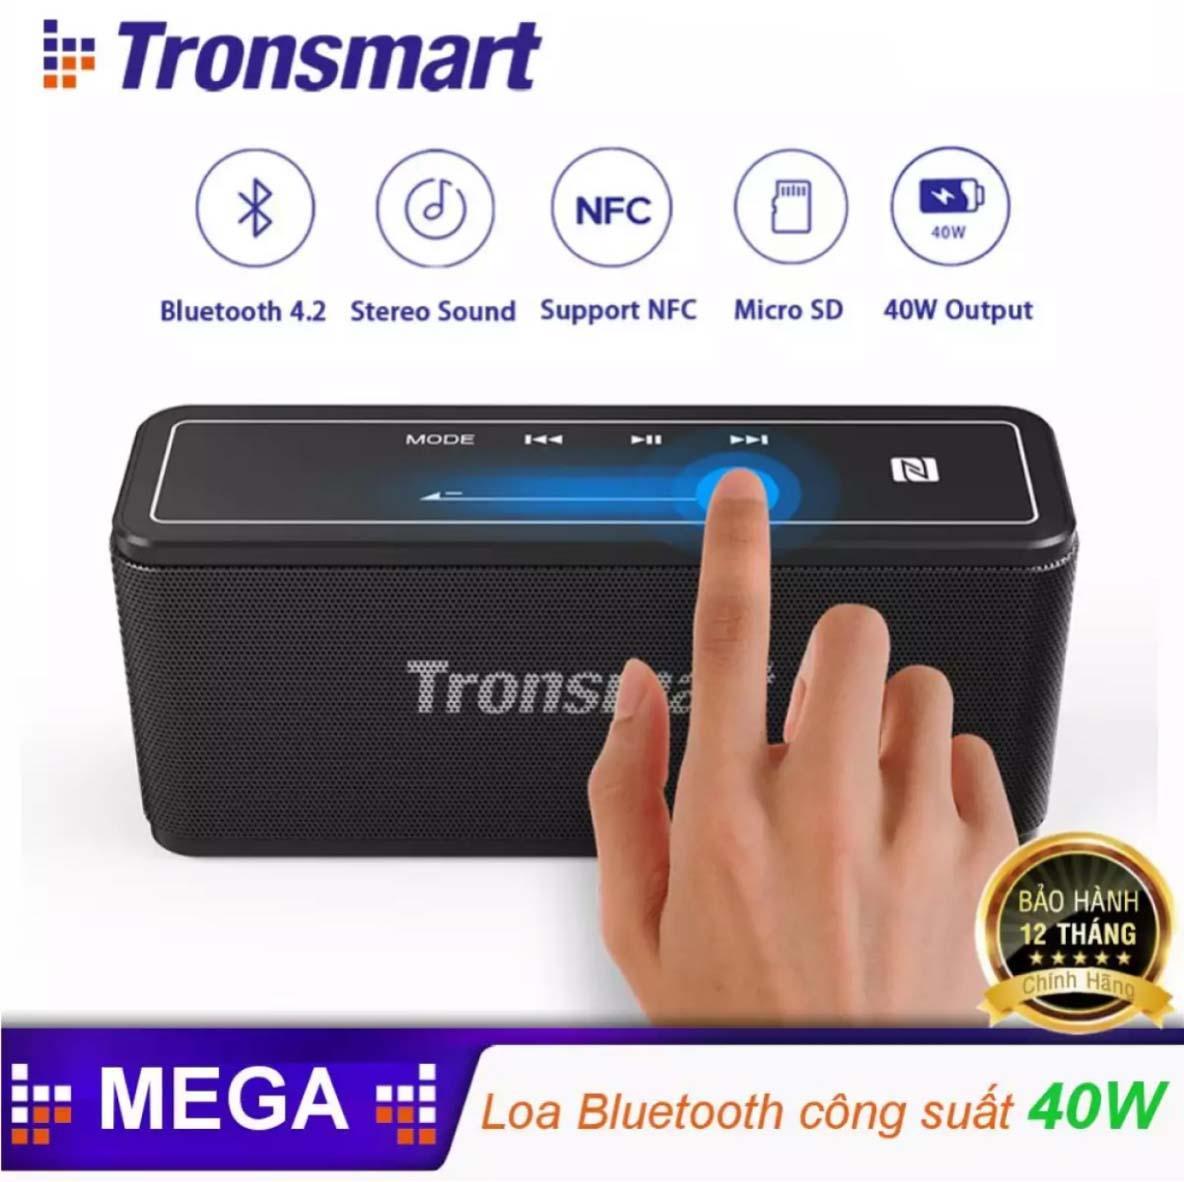 Loa Tronsmart Element Mega  Loa Bluetooth 5.0 di động công suất 40W - BẢO HÀNH 12 THÁNG